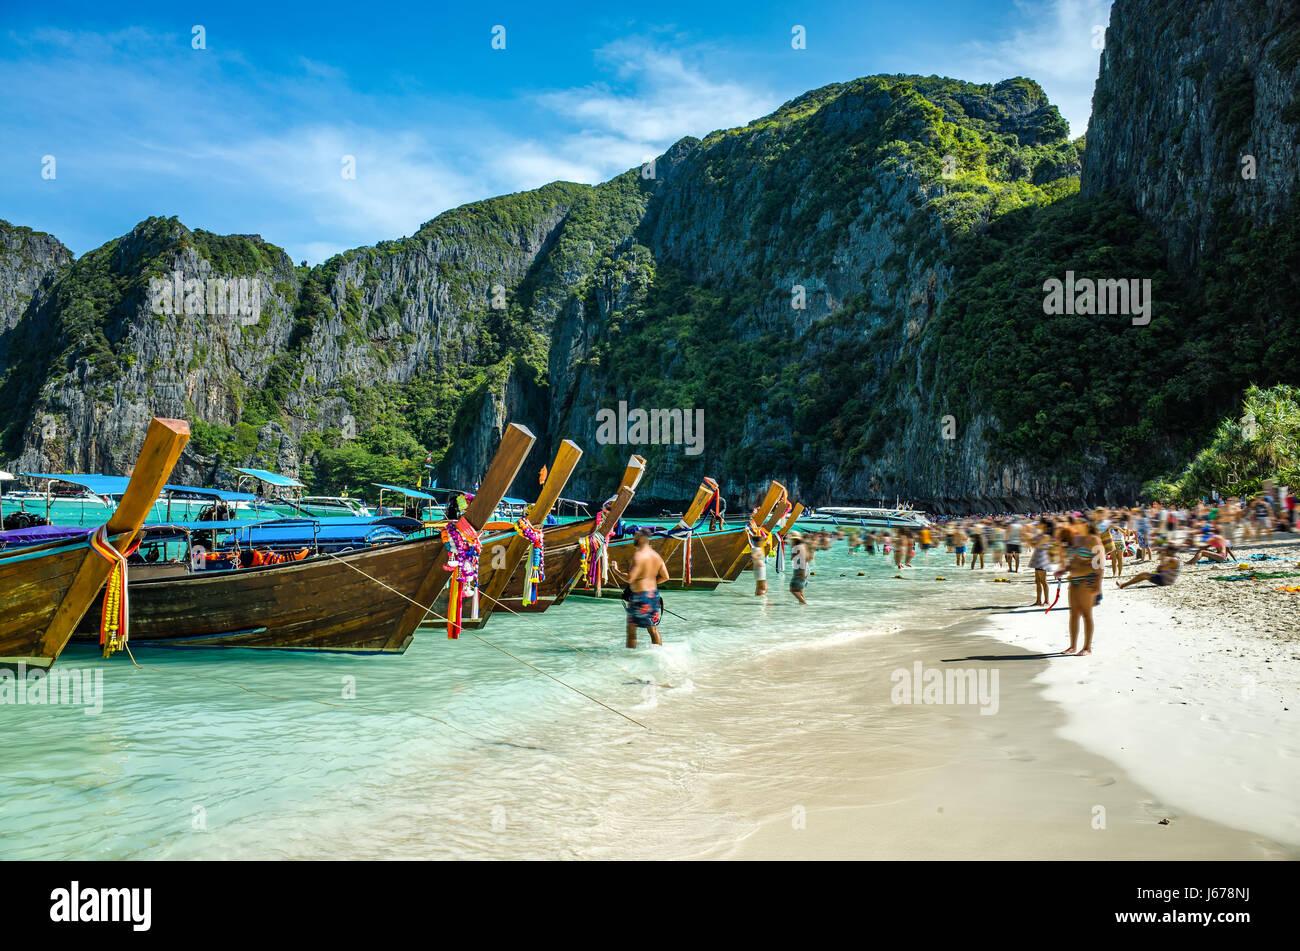 Bateaux sur la plage de Koh Phi Phi, Thaïlande Banque D'Images